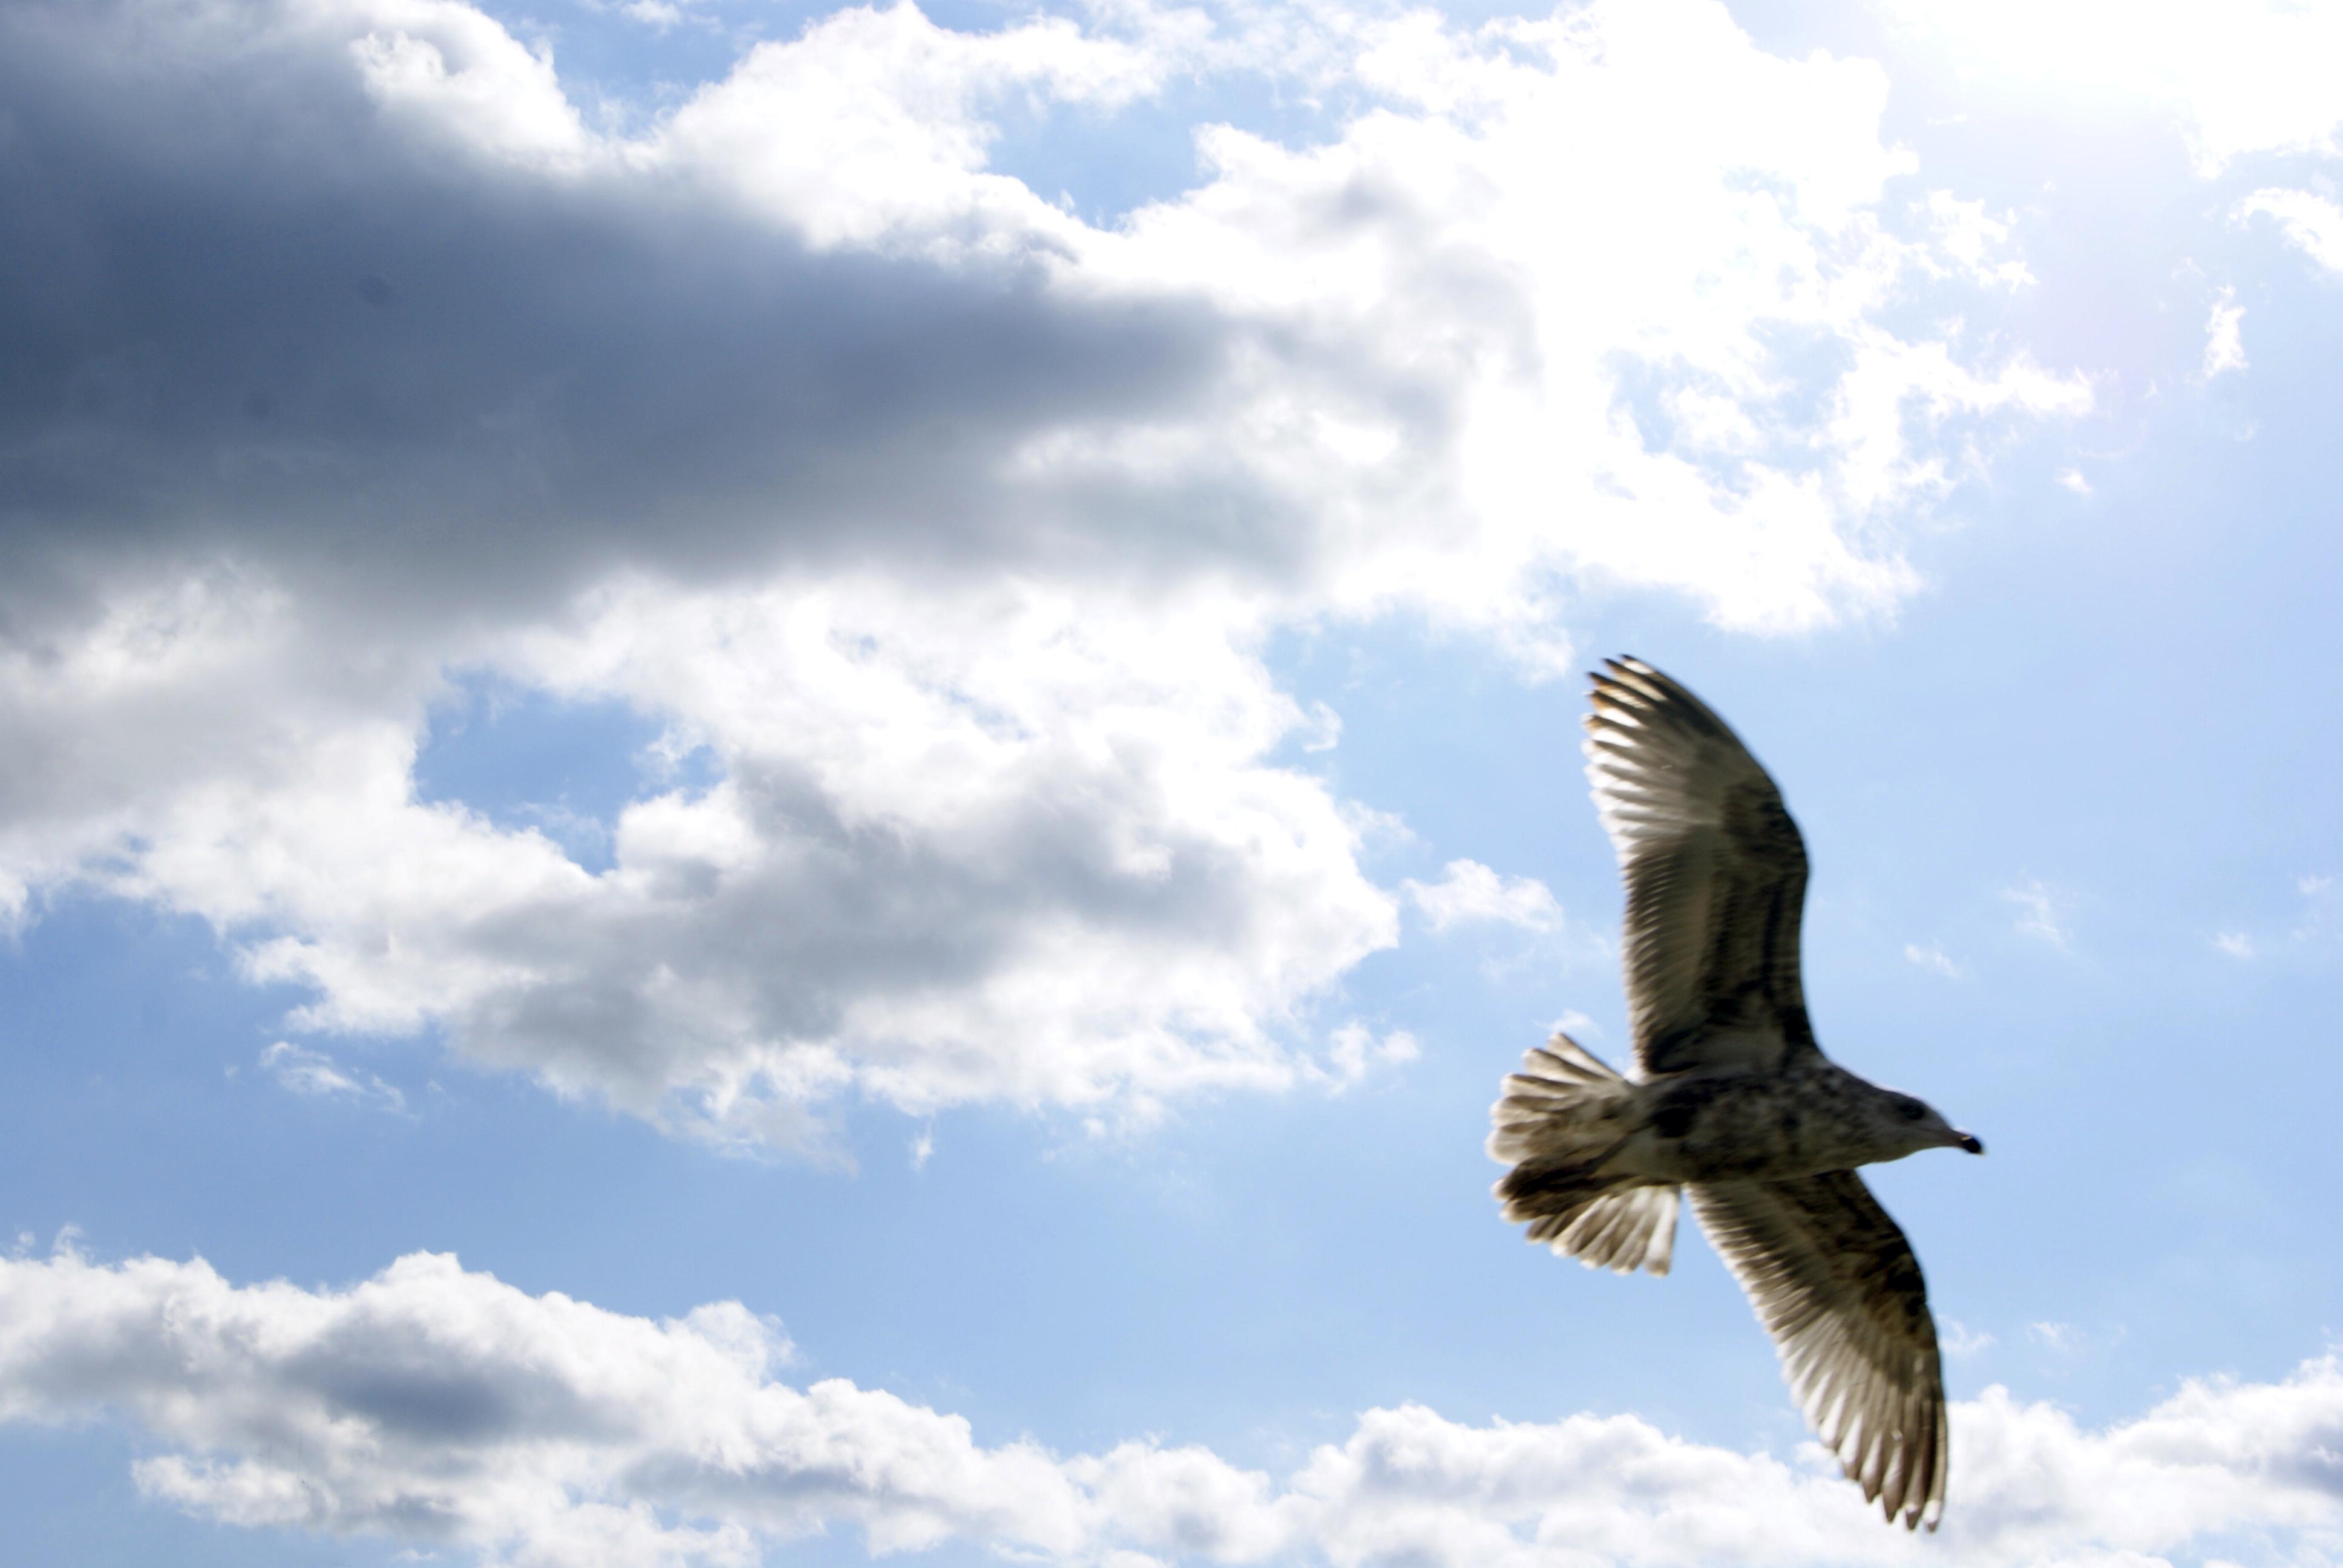 Seagull in flight 1 photo